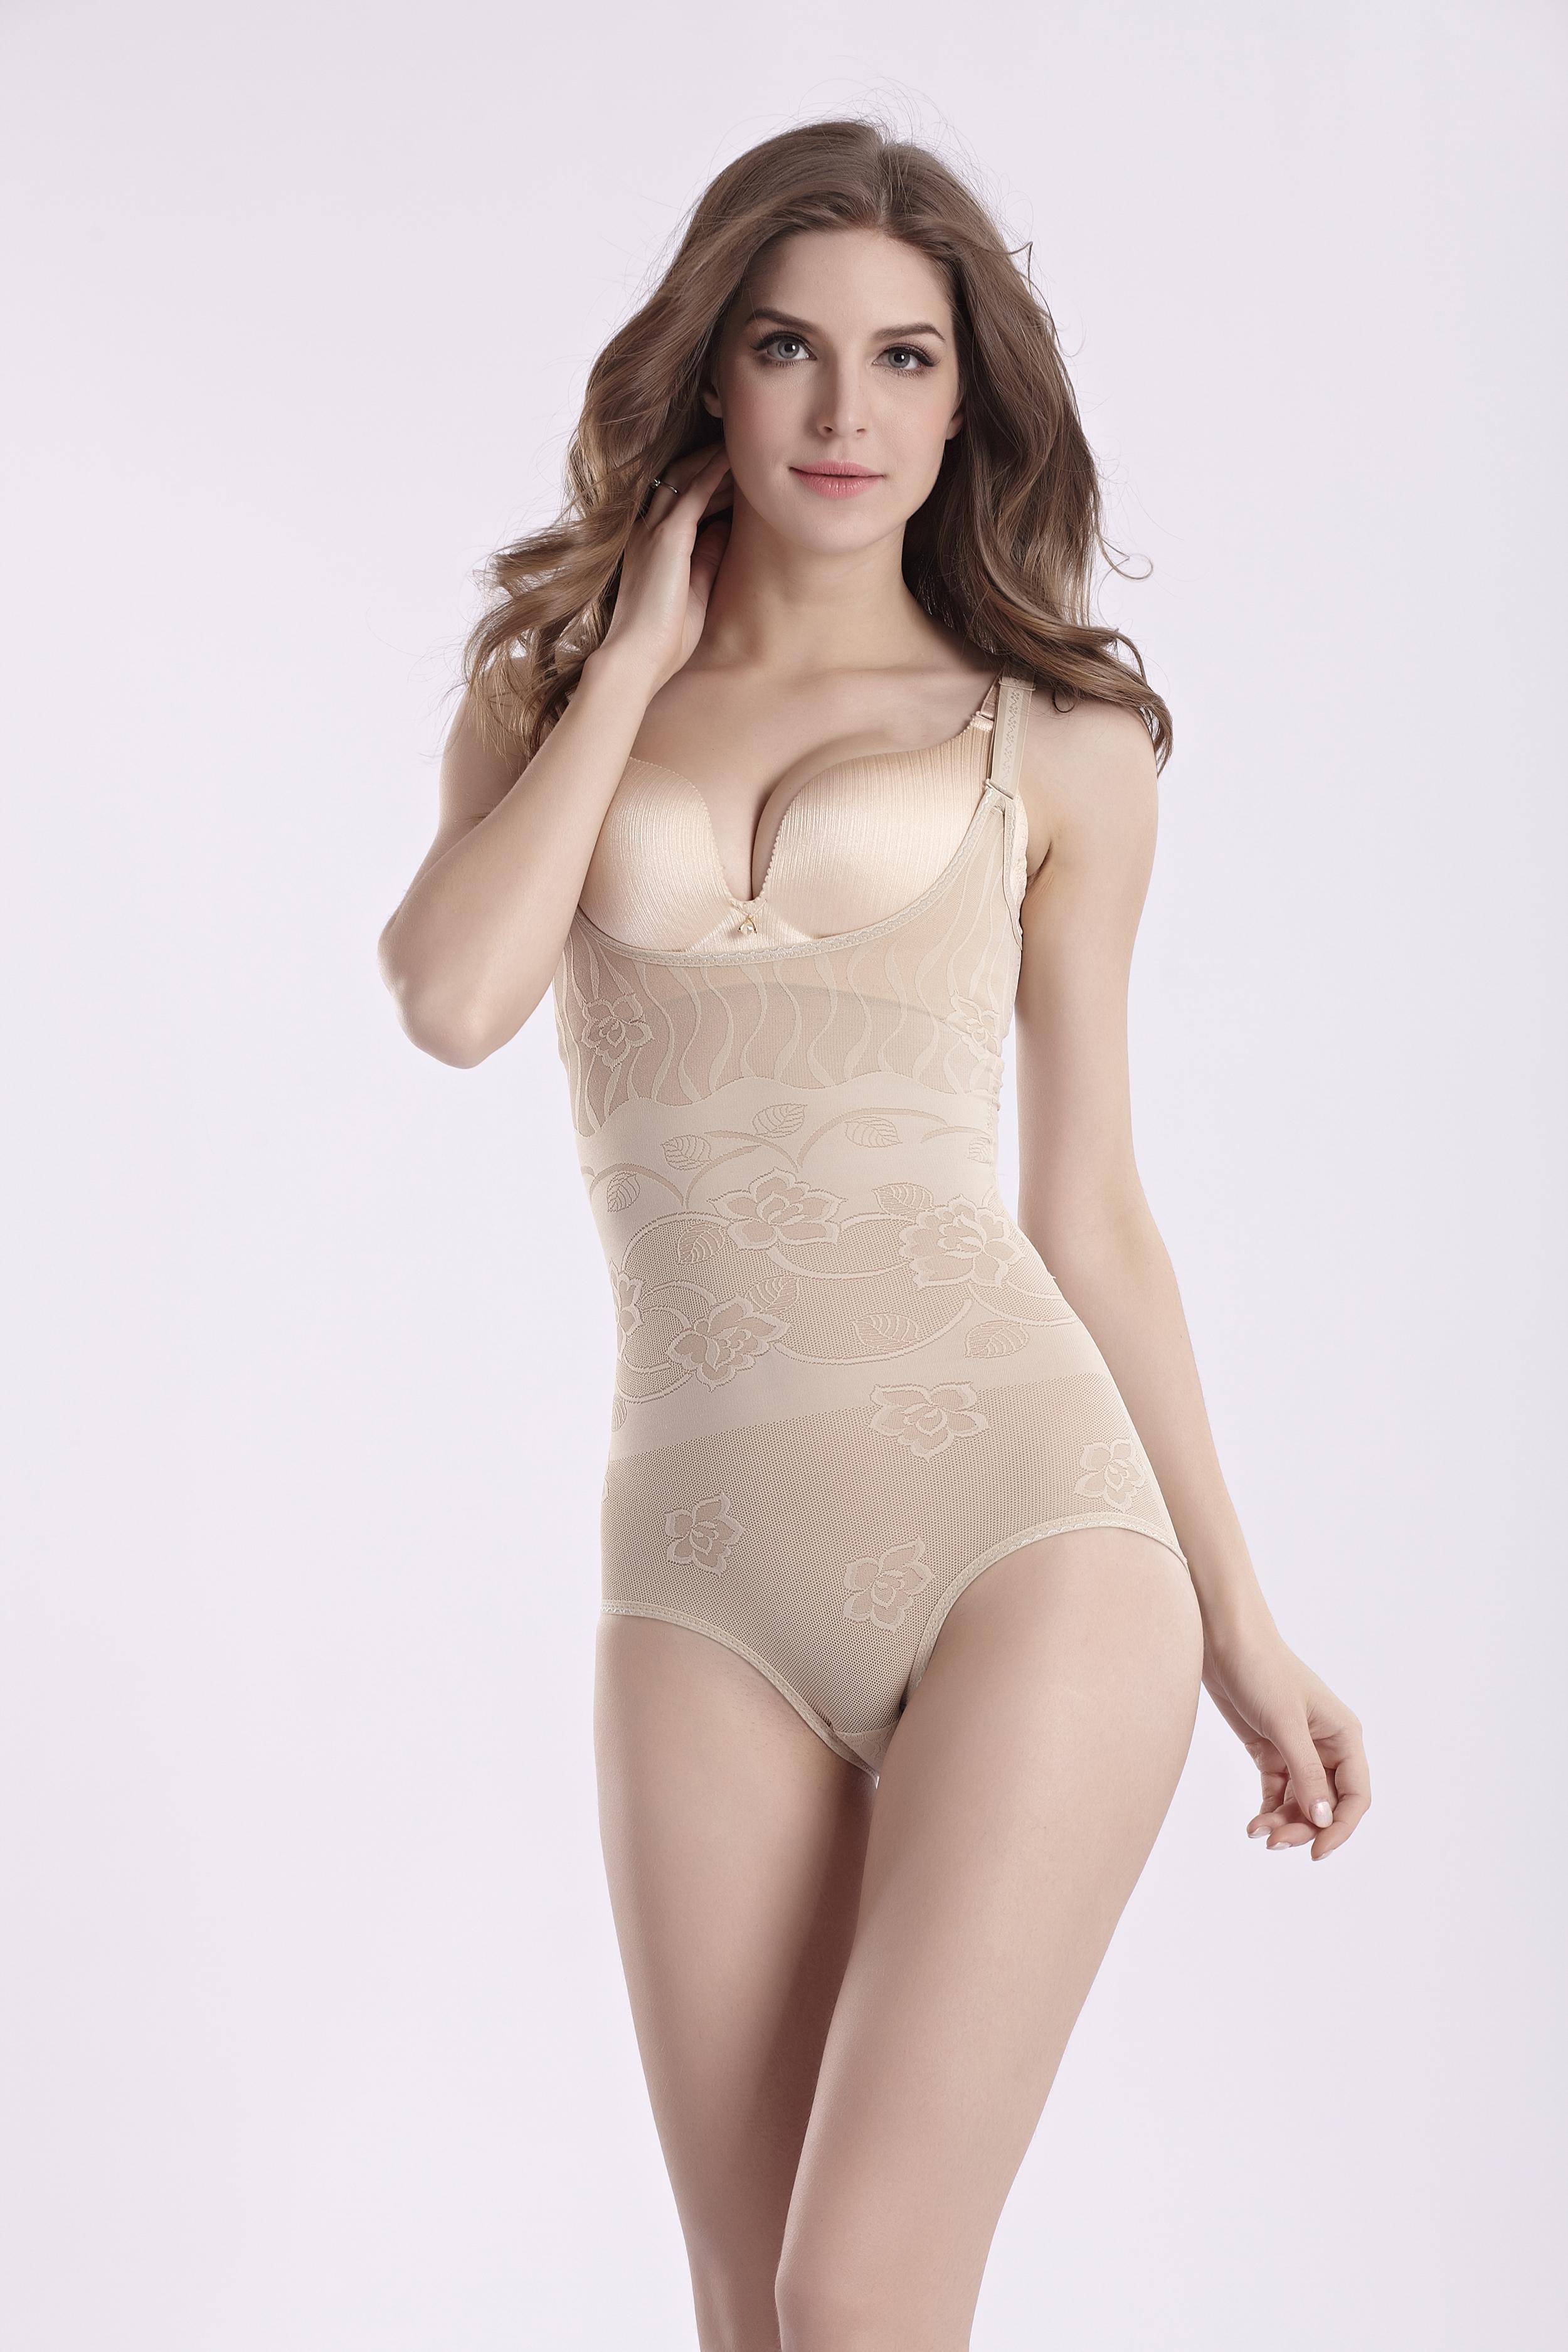 shapewear girdle breast up body shaper hot sale